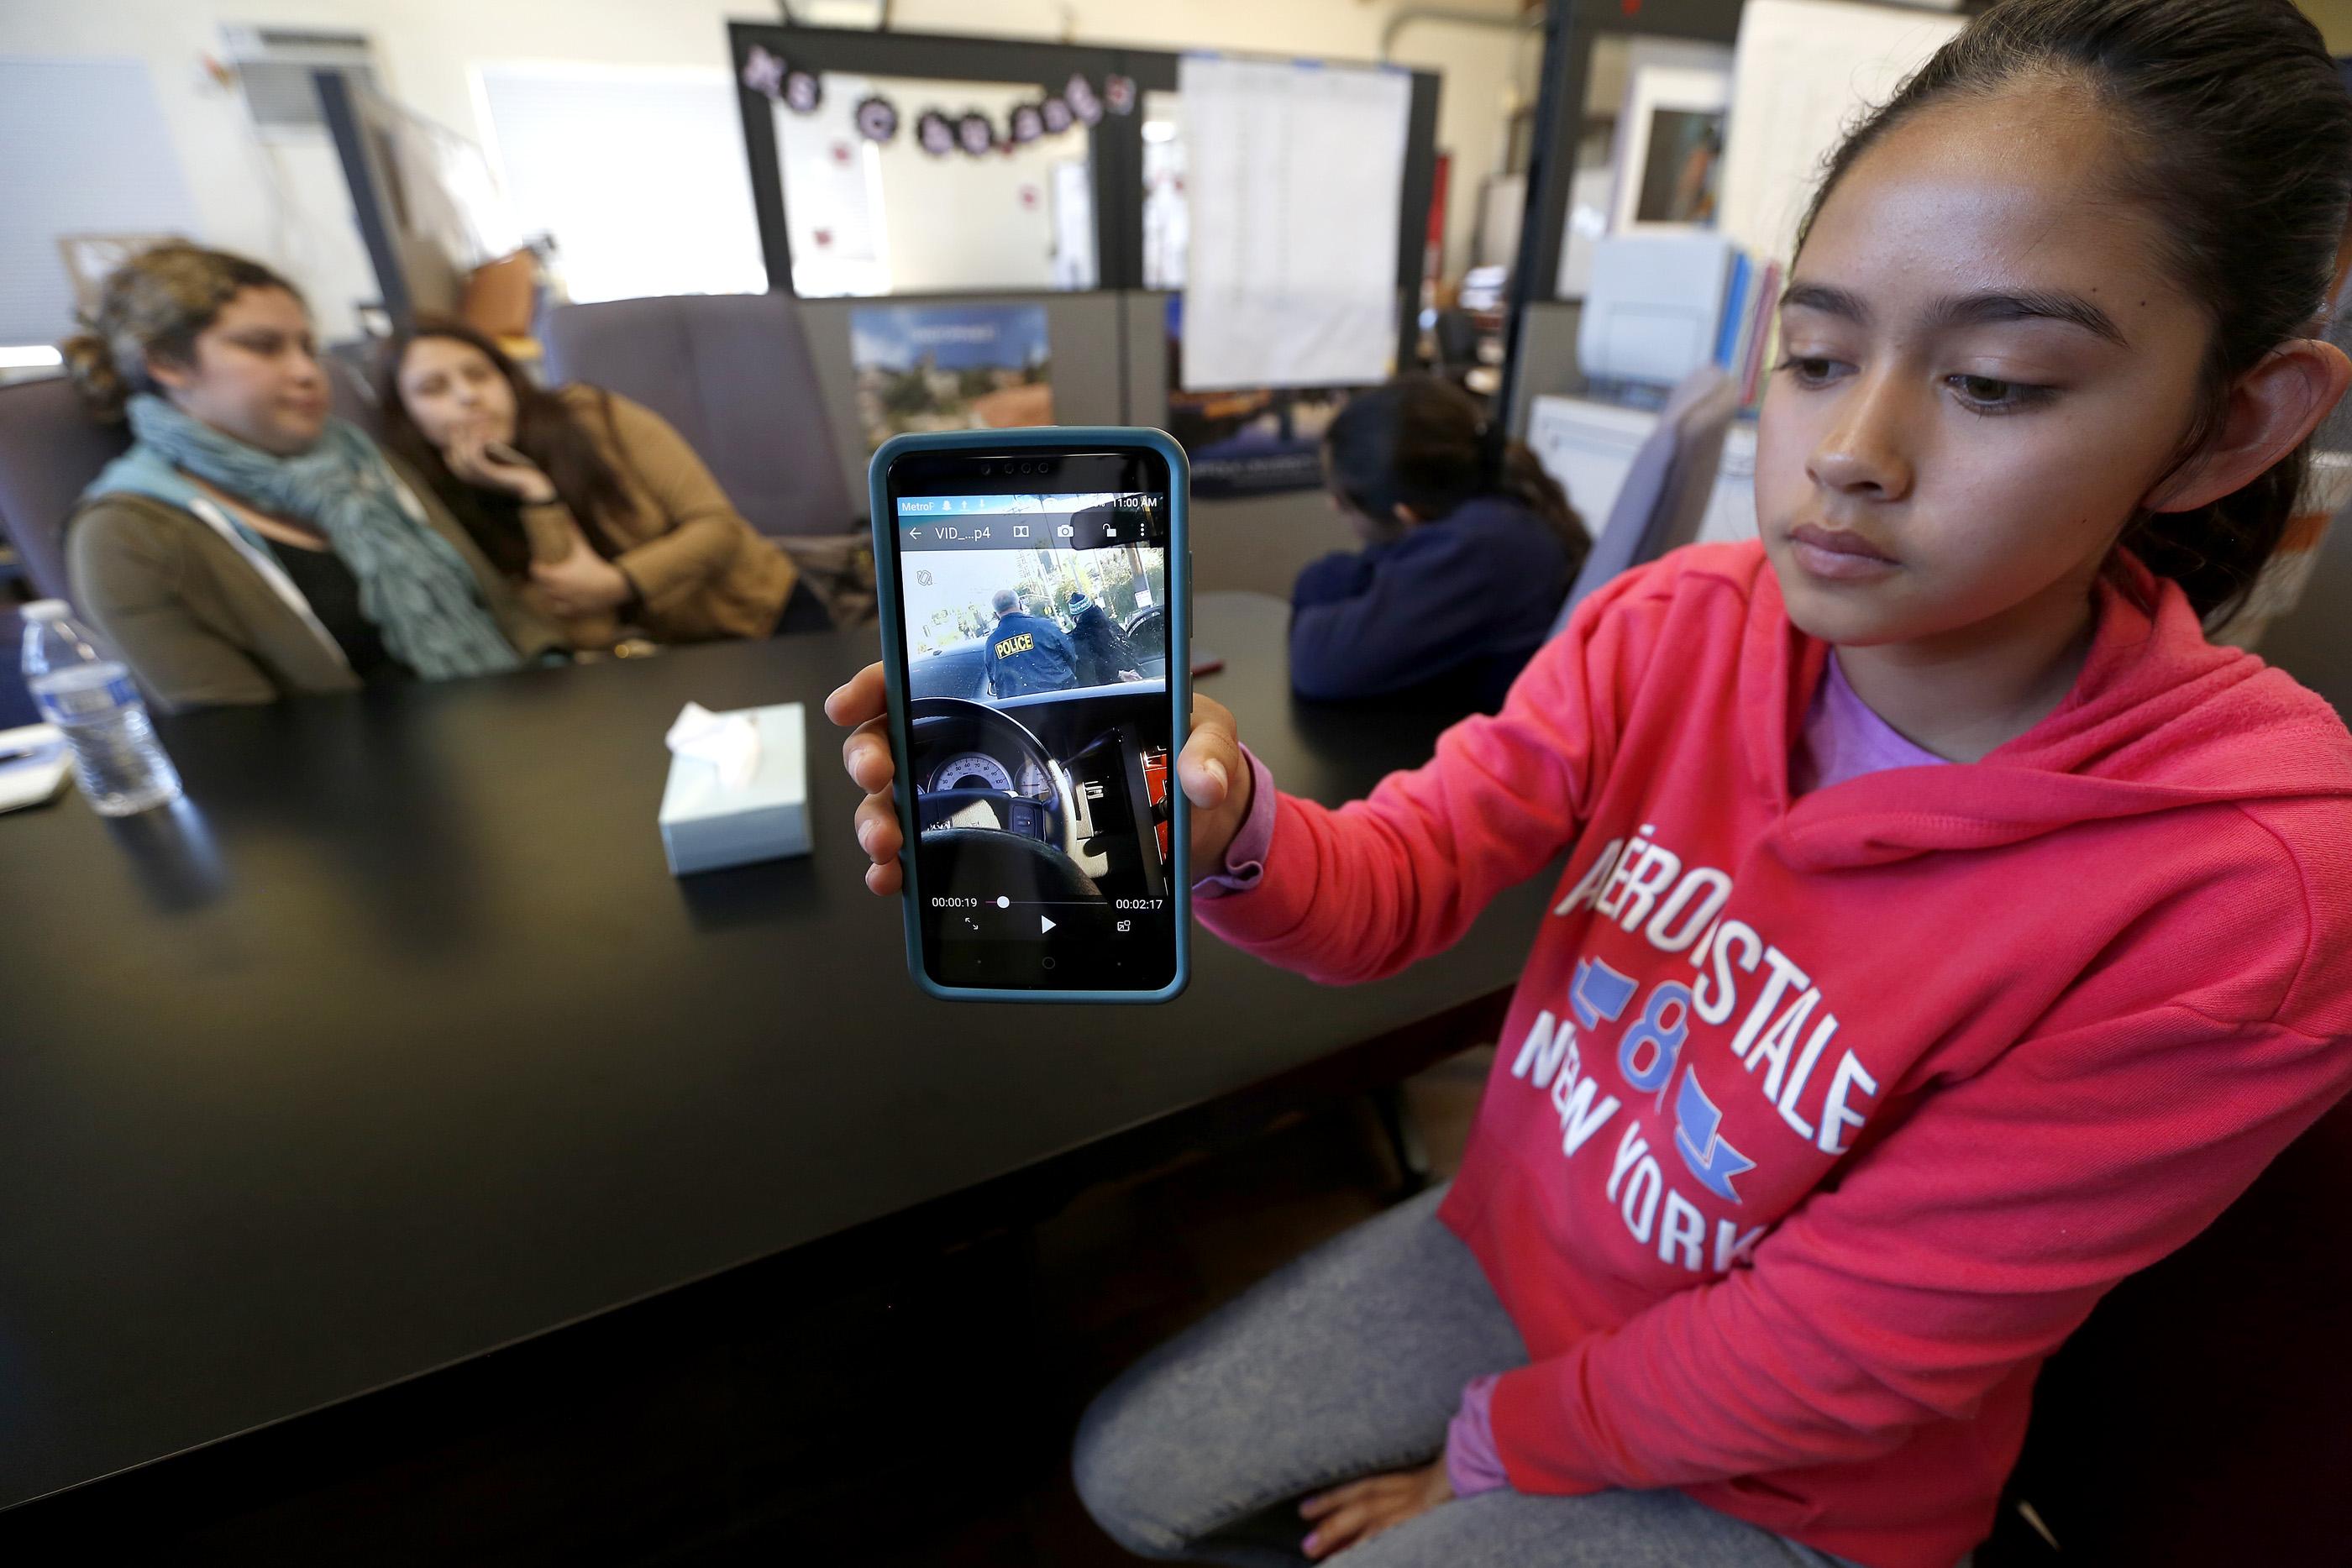 Fatima Avelia muestra un video del momento en que ICE detiene a su padre. (Aurelia Ventura/La Opinion)